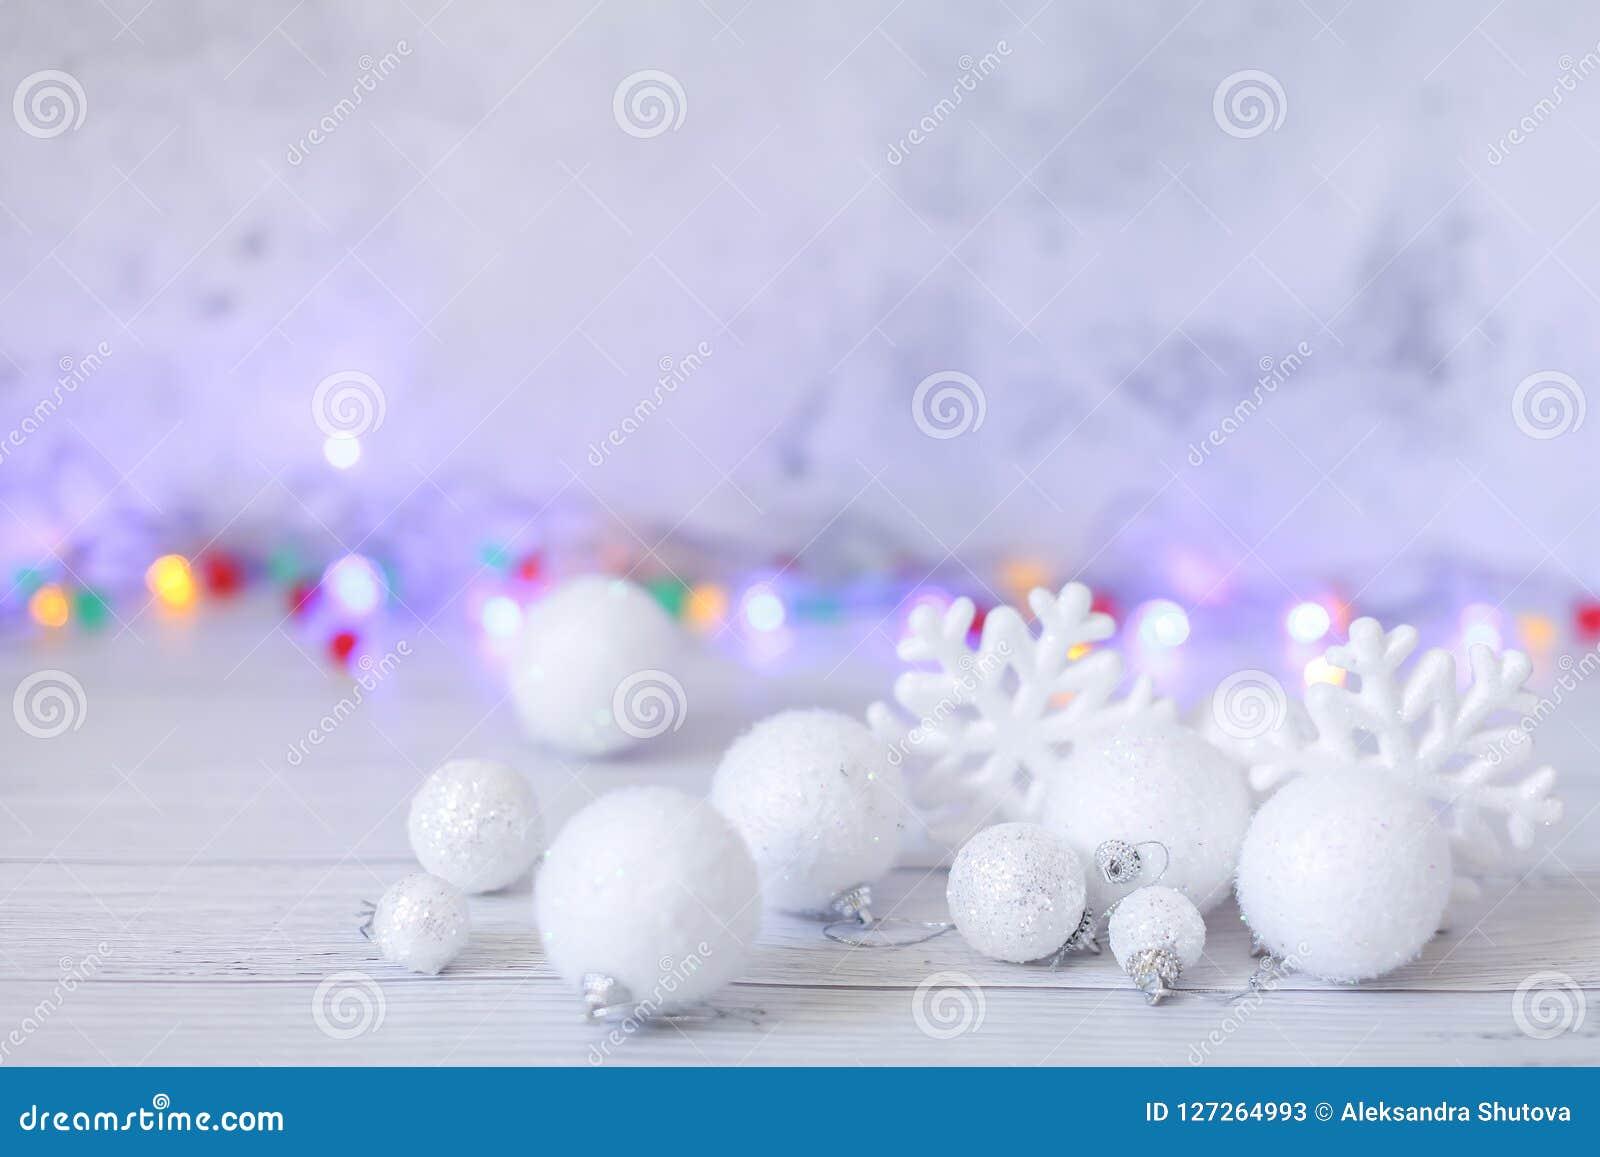 Nowego roku lub bożych narodzeń dekoracje w srebrze i biel kolory z piłkami, płatkami śniegu i girlandy bokeh,